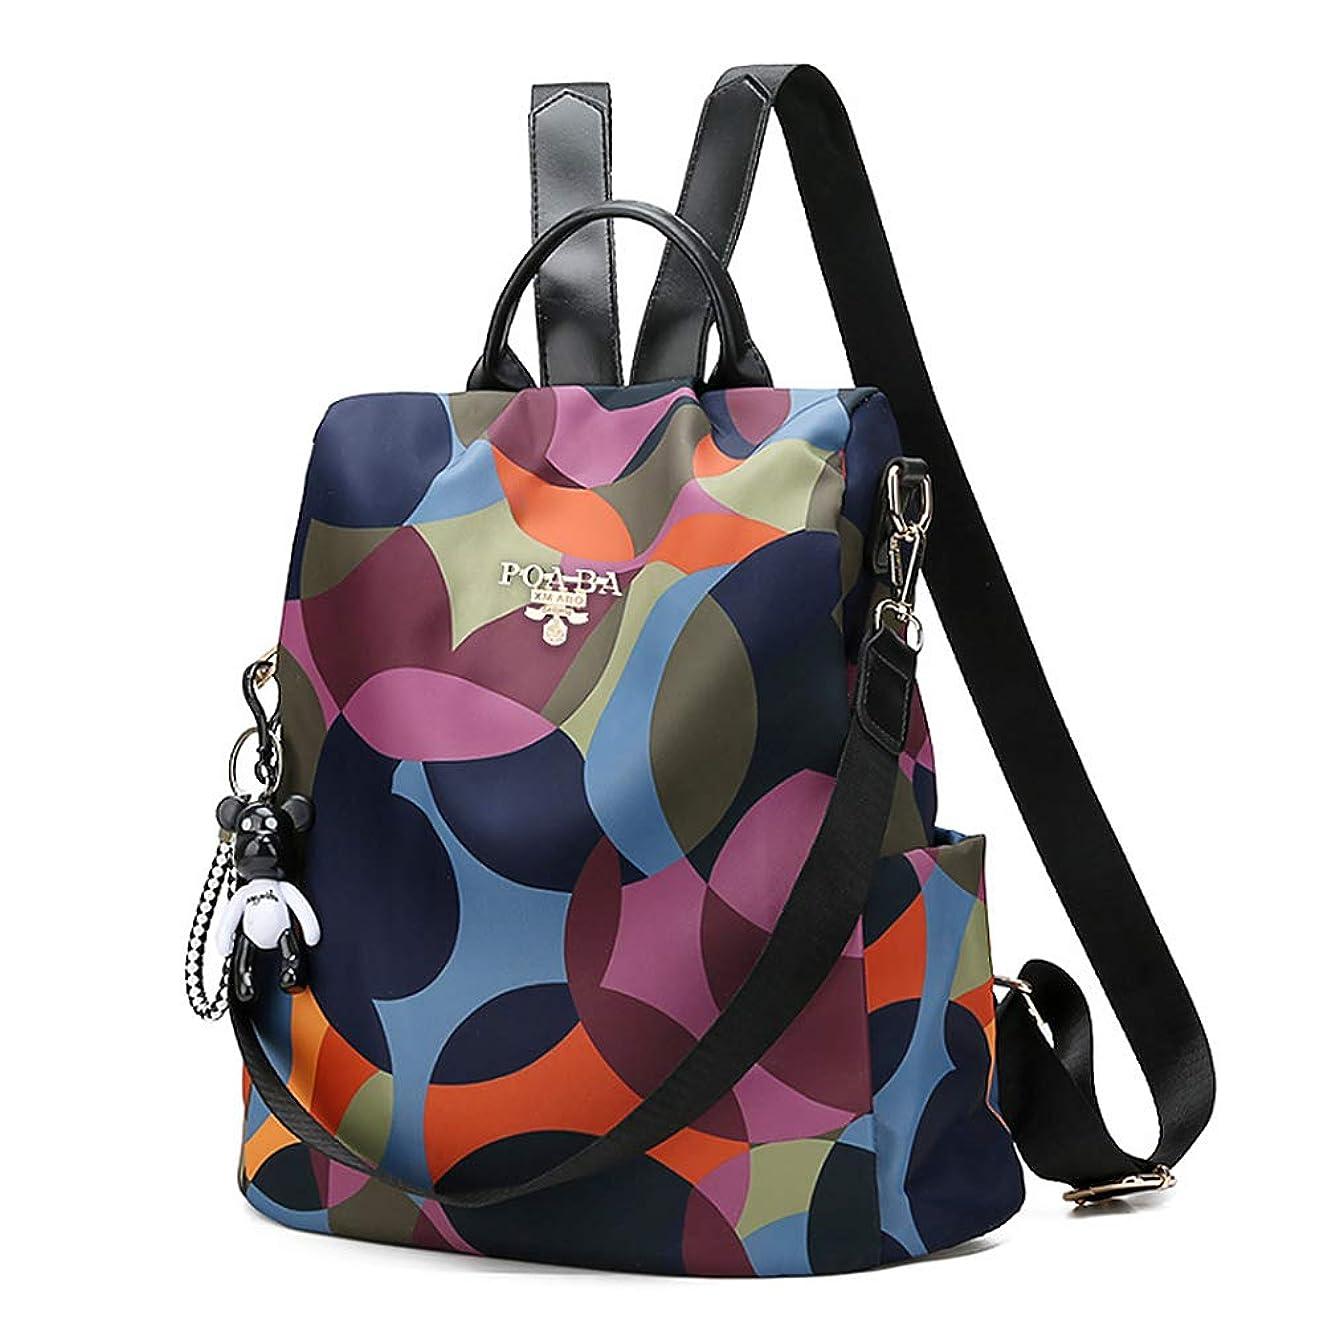 Fmeida School Backpack for Women Waterproof Travel Backpacks Purse Polka Dot Shoulder Bag for Students/Kids